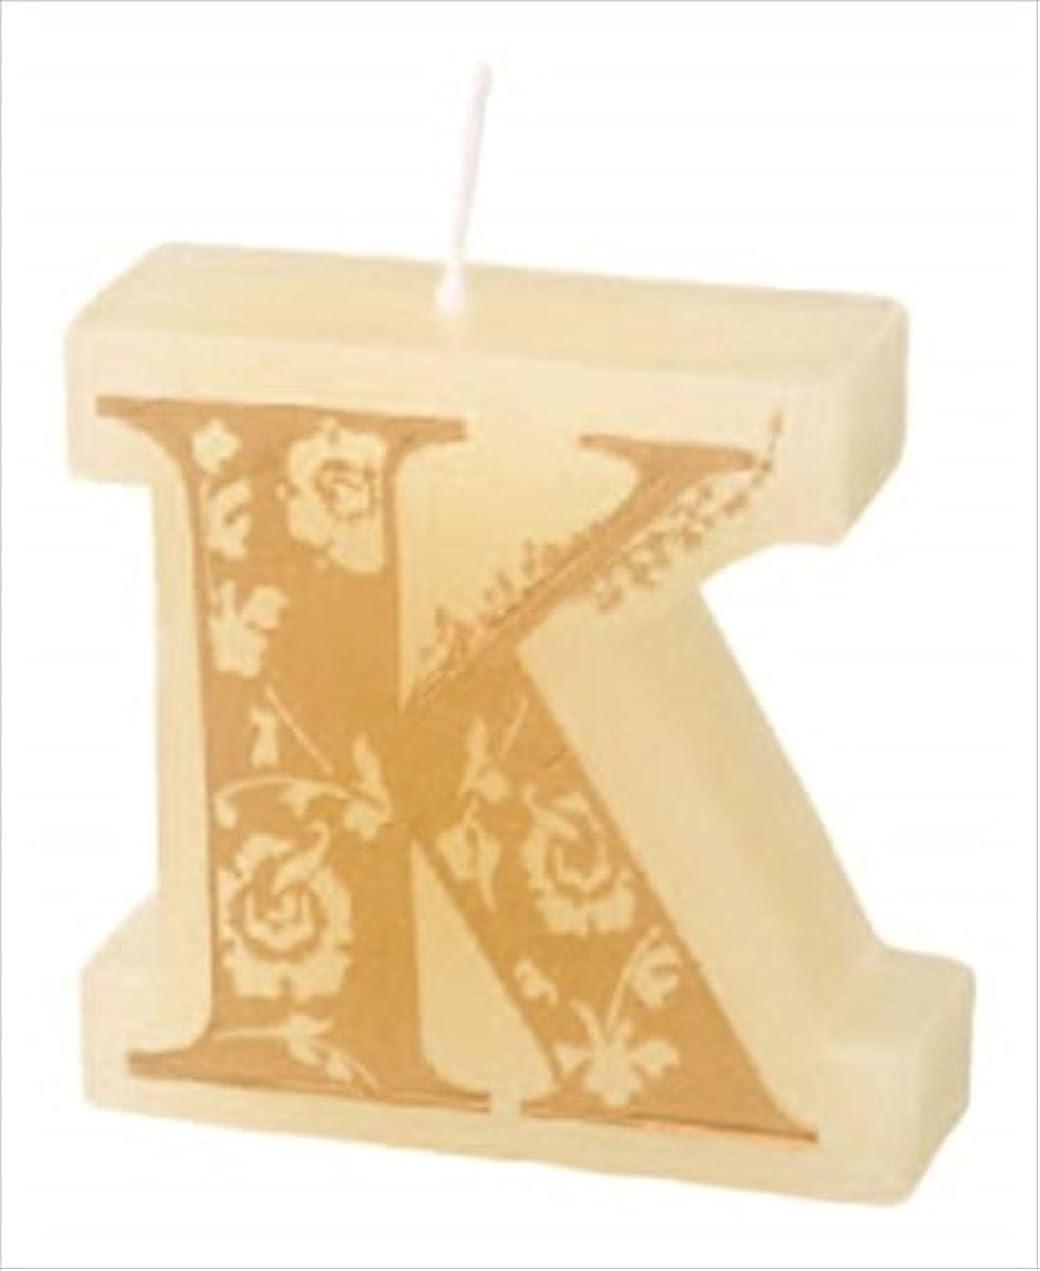 ピグマリオンアサートアーサーコナンドイルカメヤマキャンドル(kameyama candle) イニシャルキャンドルミニ 「 K 」